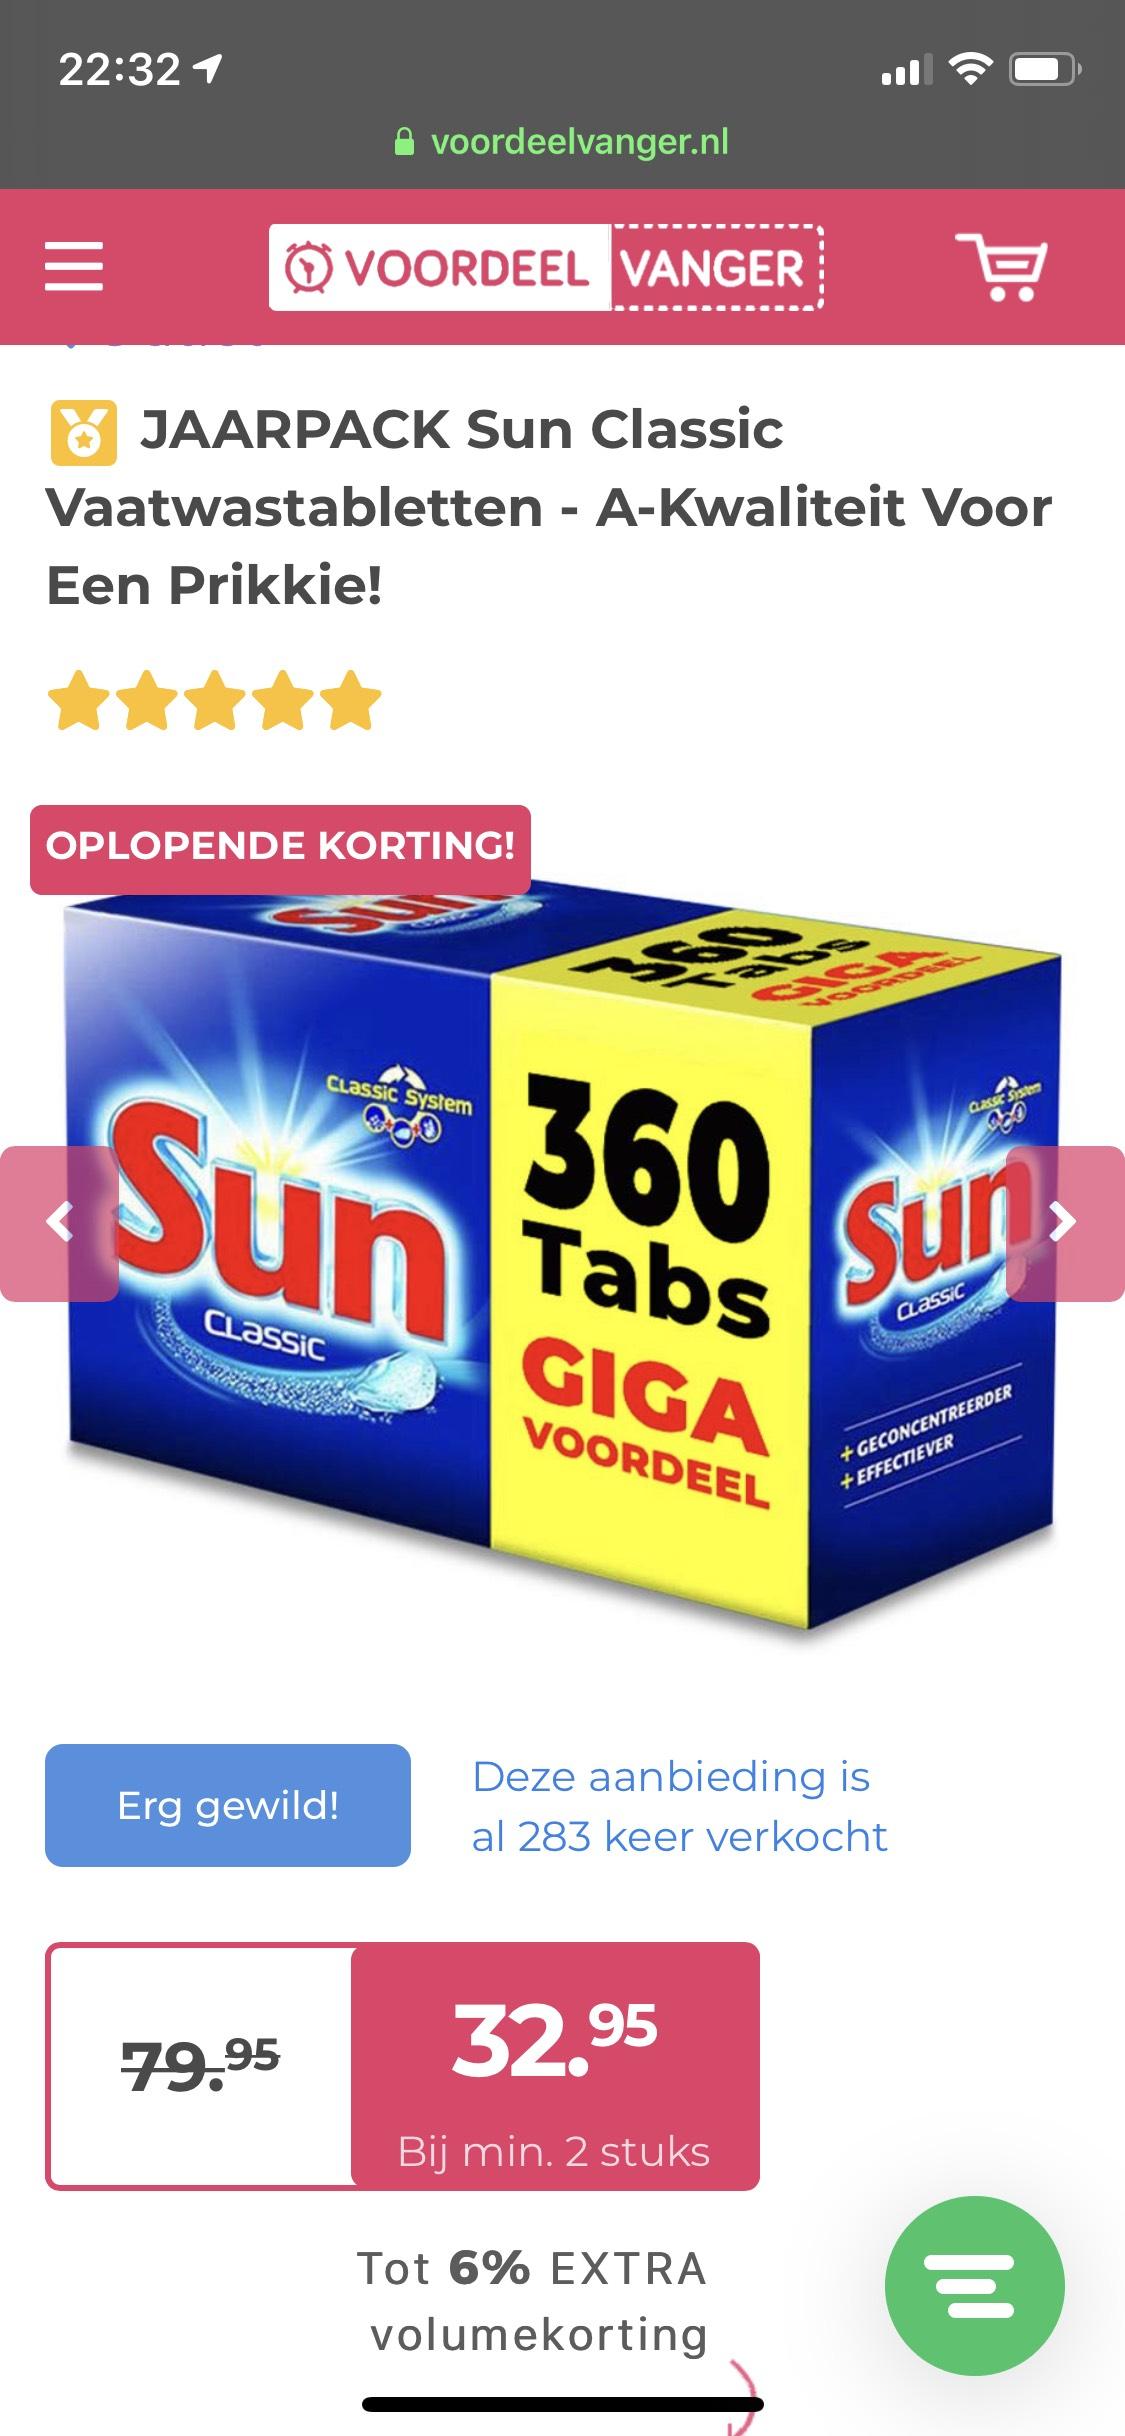 JAARPACK Sun Classic Vaatwastabletten - A-Kwaliteit Voor Een Prikkie!